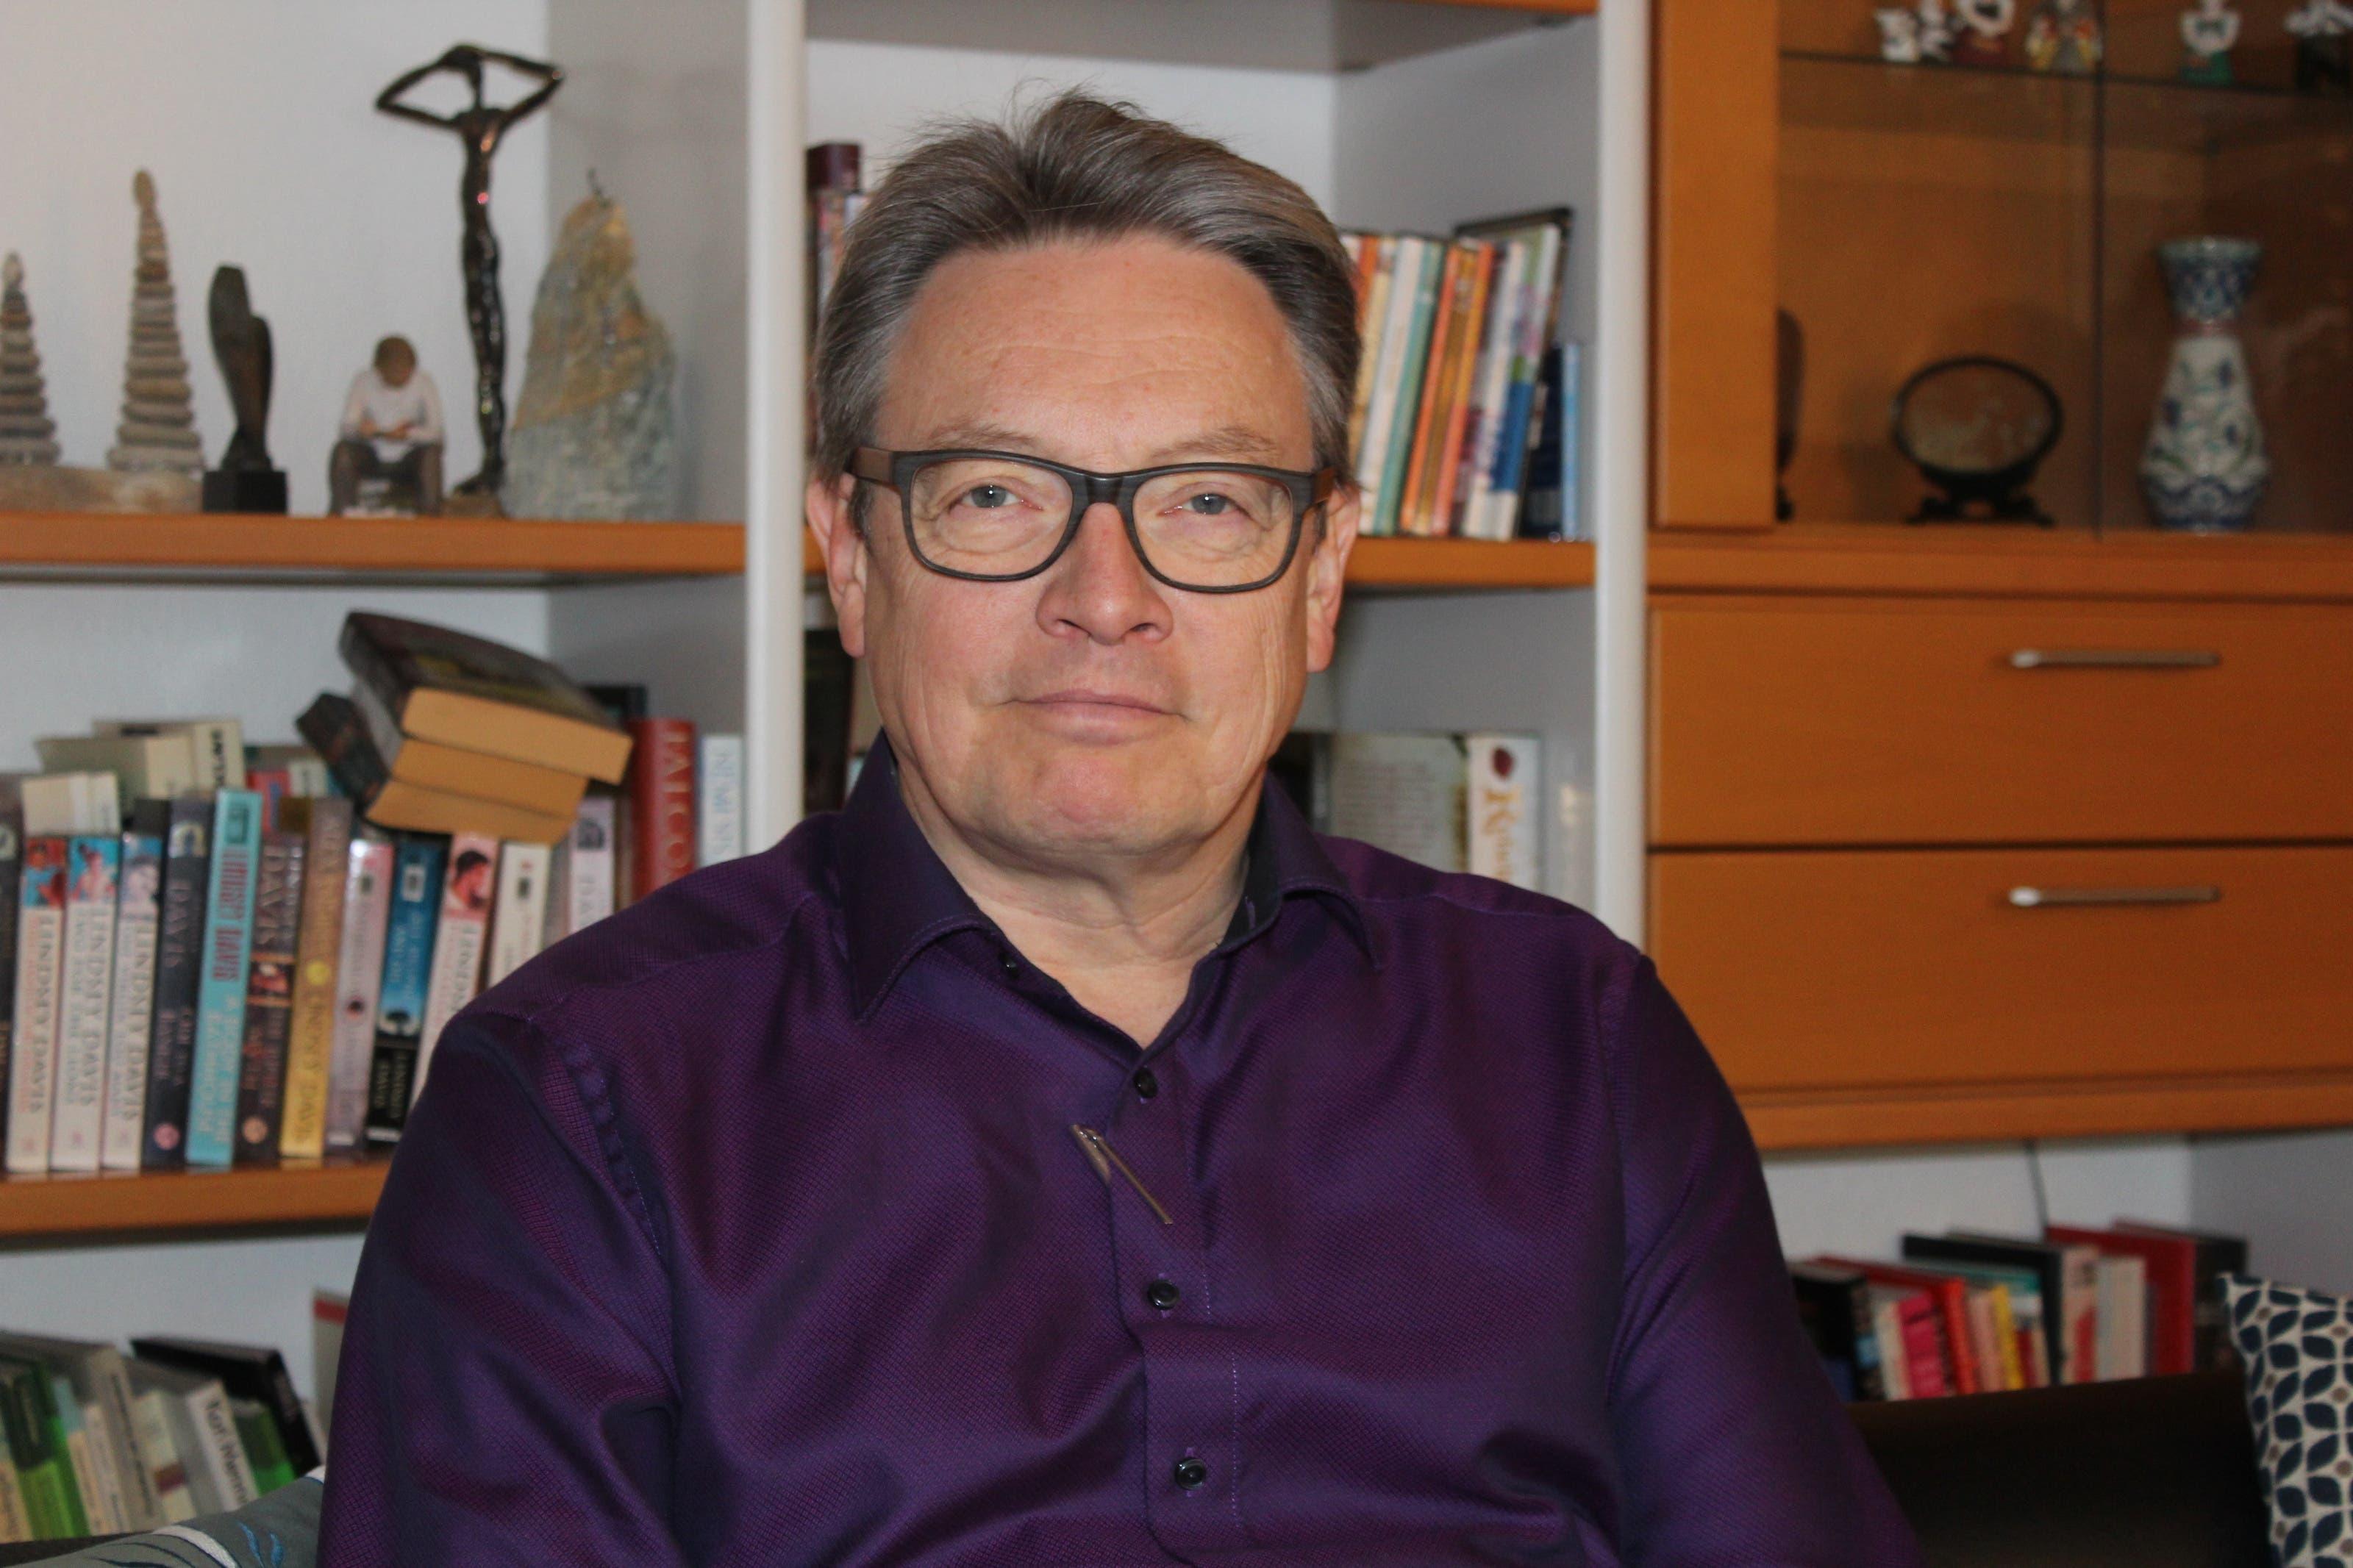 Rolf Köster Leiter des Zentrums für Psychiatrie, Psychotherapie und Beratung (ZPPB) in Bremgarten: «Eine Winterdepression ist kein Ergebnis von falscher Lebensführung. Entweder man ist dazu veranlagt oder nicht. »